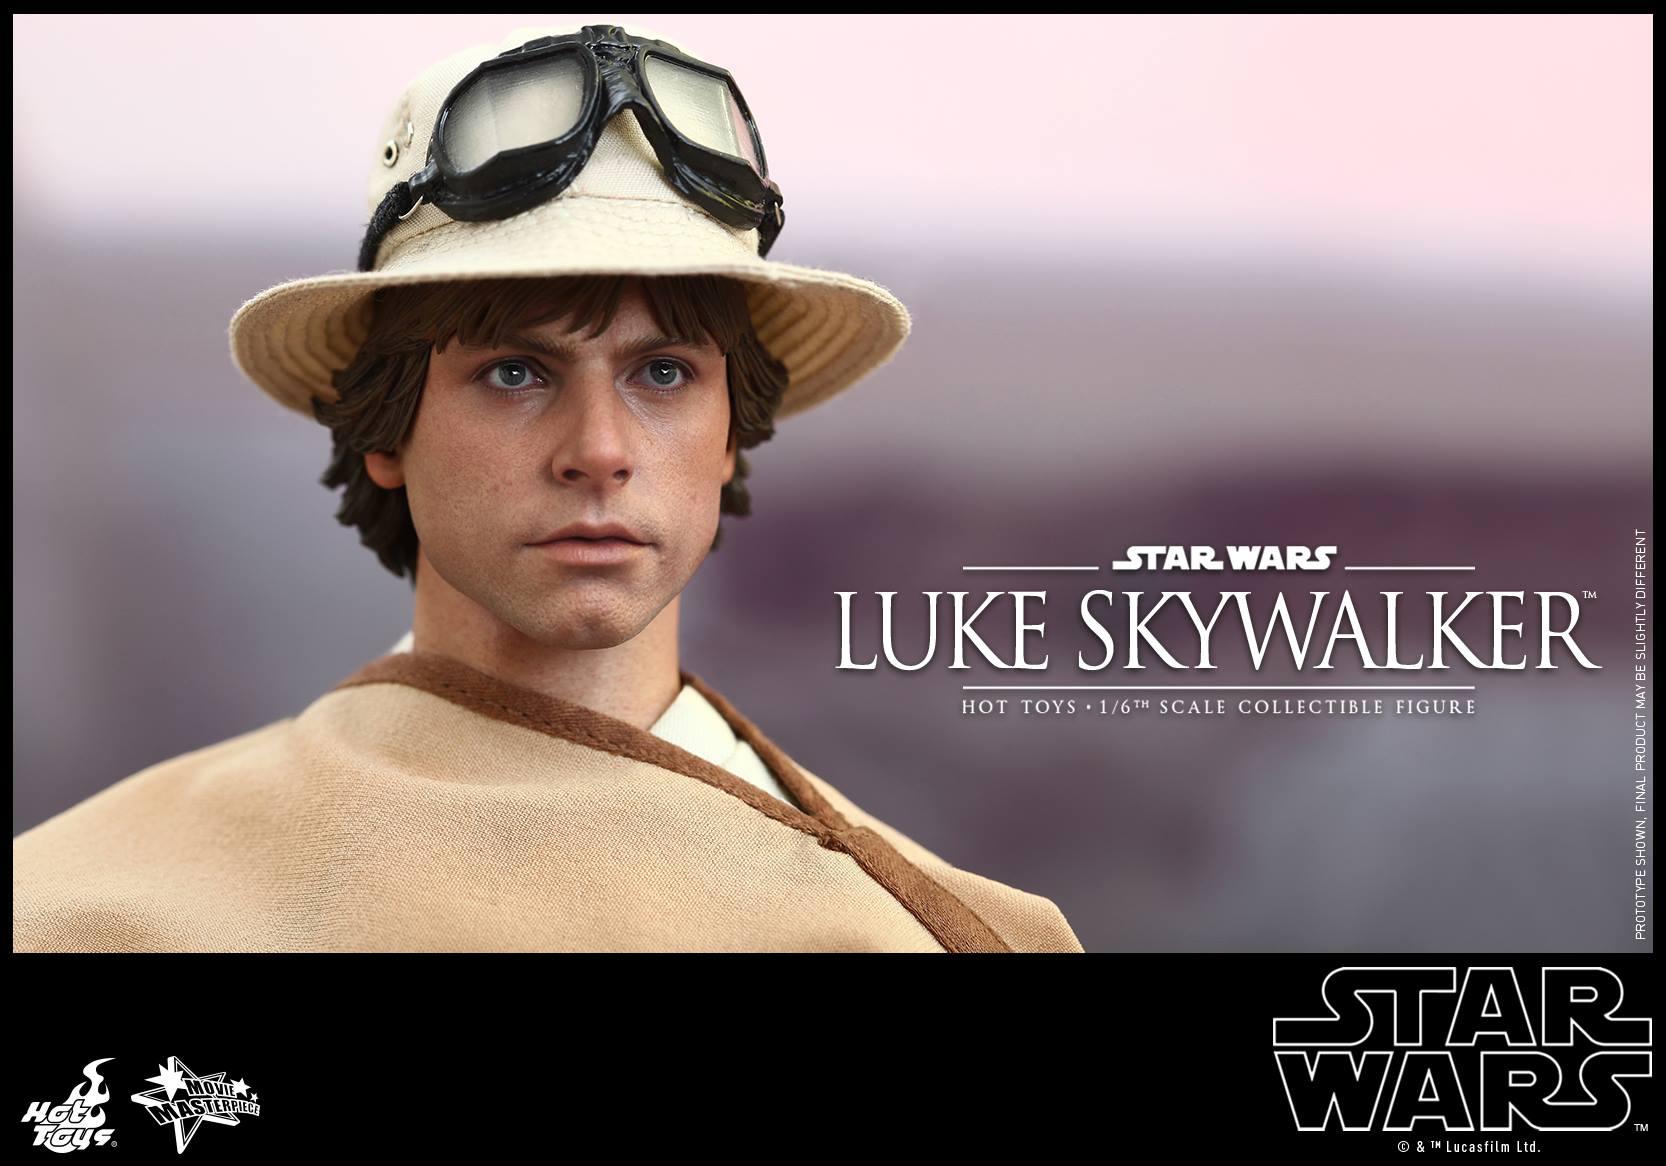 HOT TOYS - Star Wars: Episode IV A New Hope - Luke Skywalker 946385112